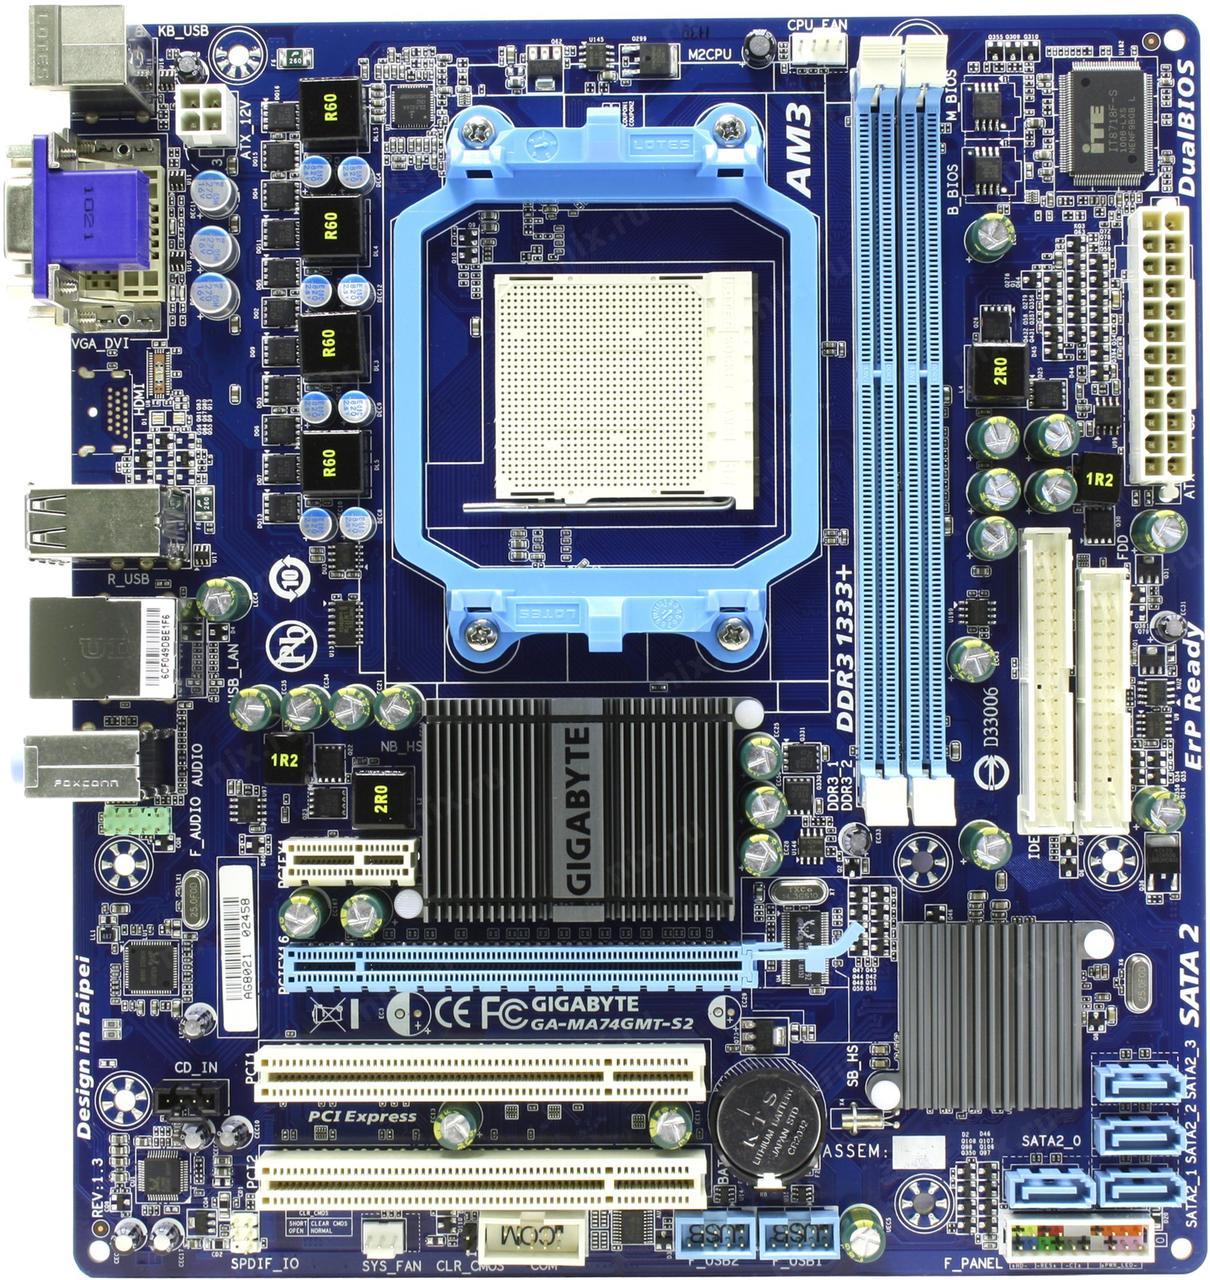 ТОПОВАЯ Плата под AMD SAM3 на DDR3 ! GIGABYTE GA-MA74GMT-S2 Понимает ВСЕ 2-6 ЯДЕРНЫЕ ПРОЦЫ AM3 X2-X6